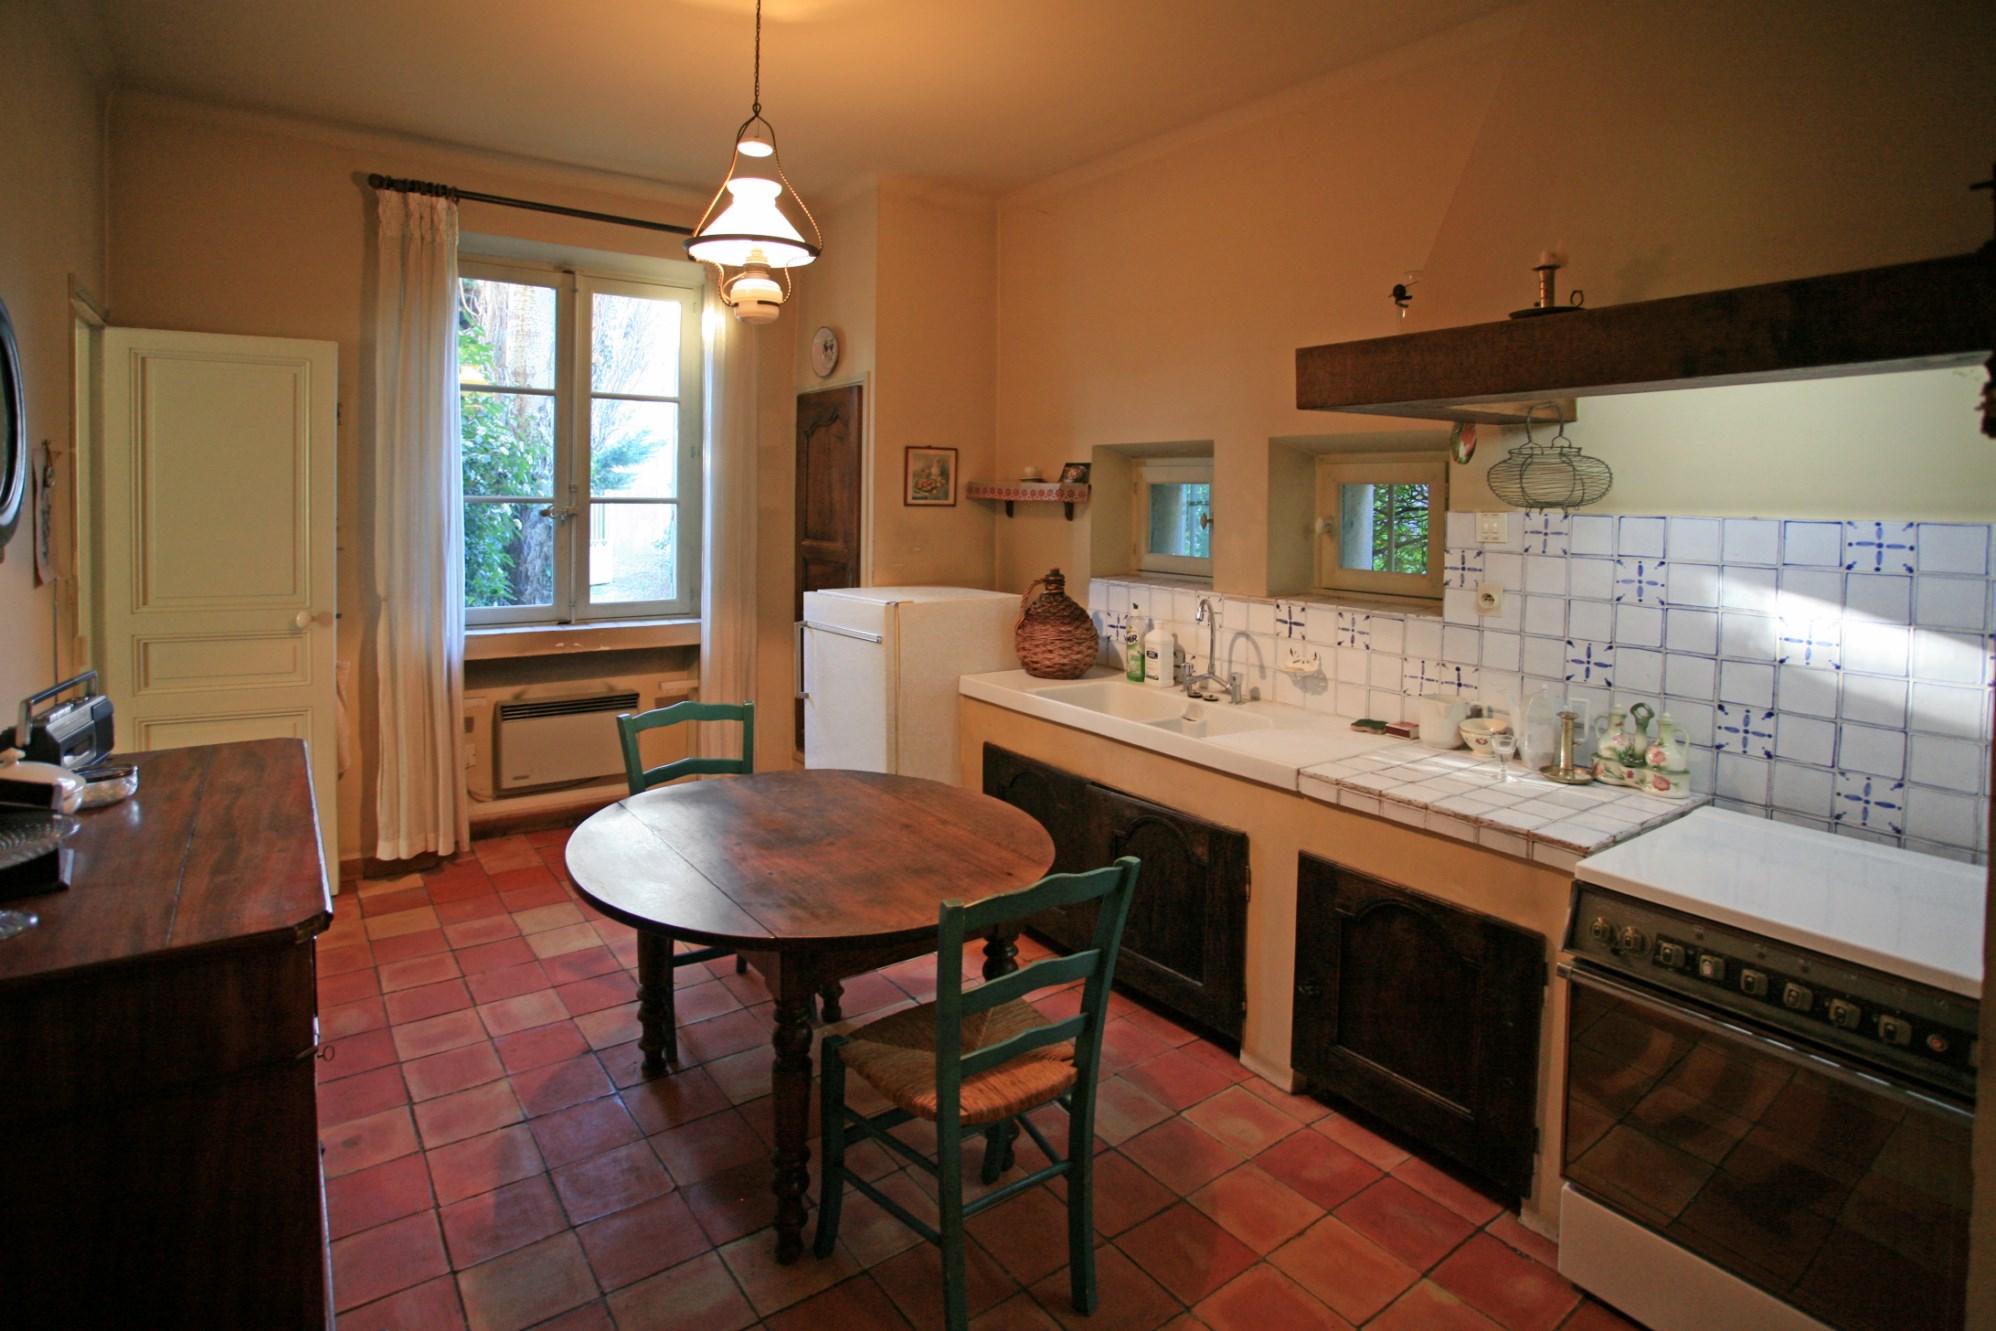 En Provence, à vendre,  dans un quartier calme d'une ville très animée du Luberon, agréable maison de famille  avec jardin